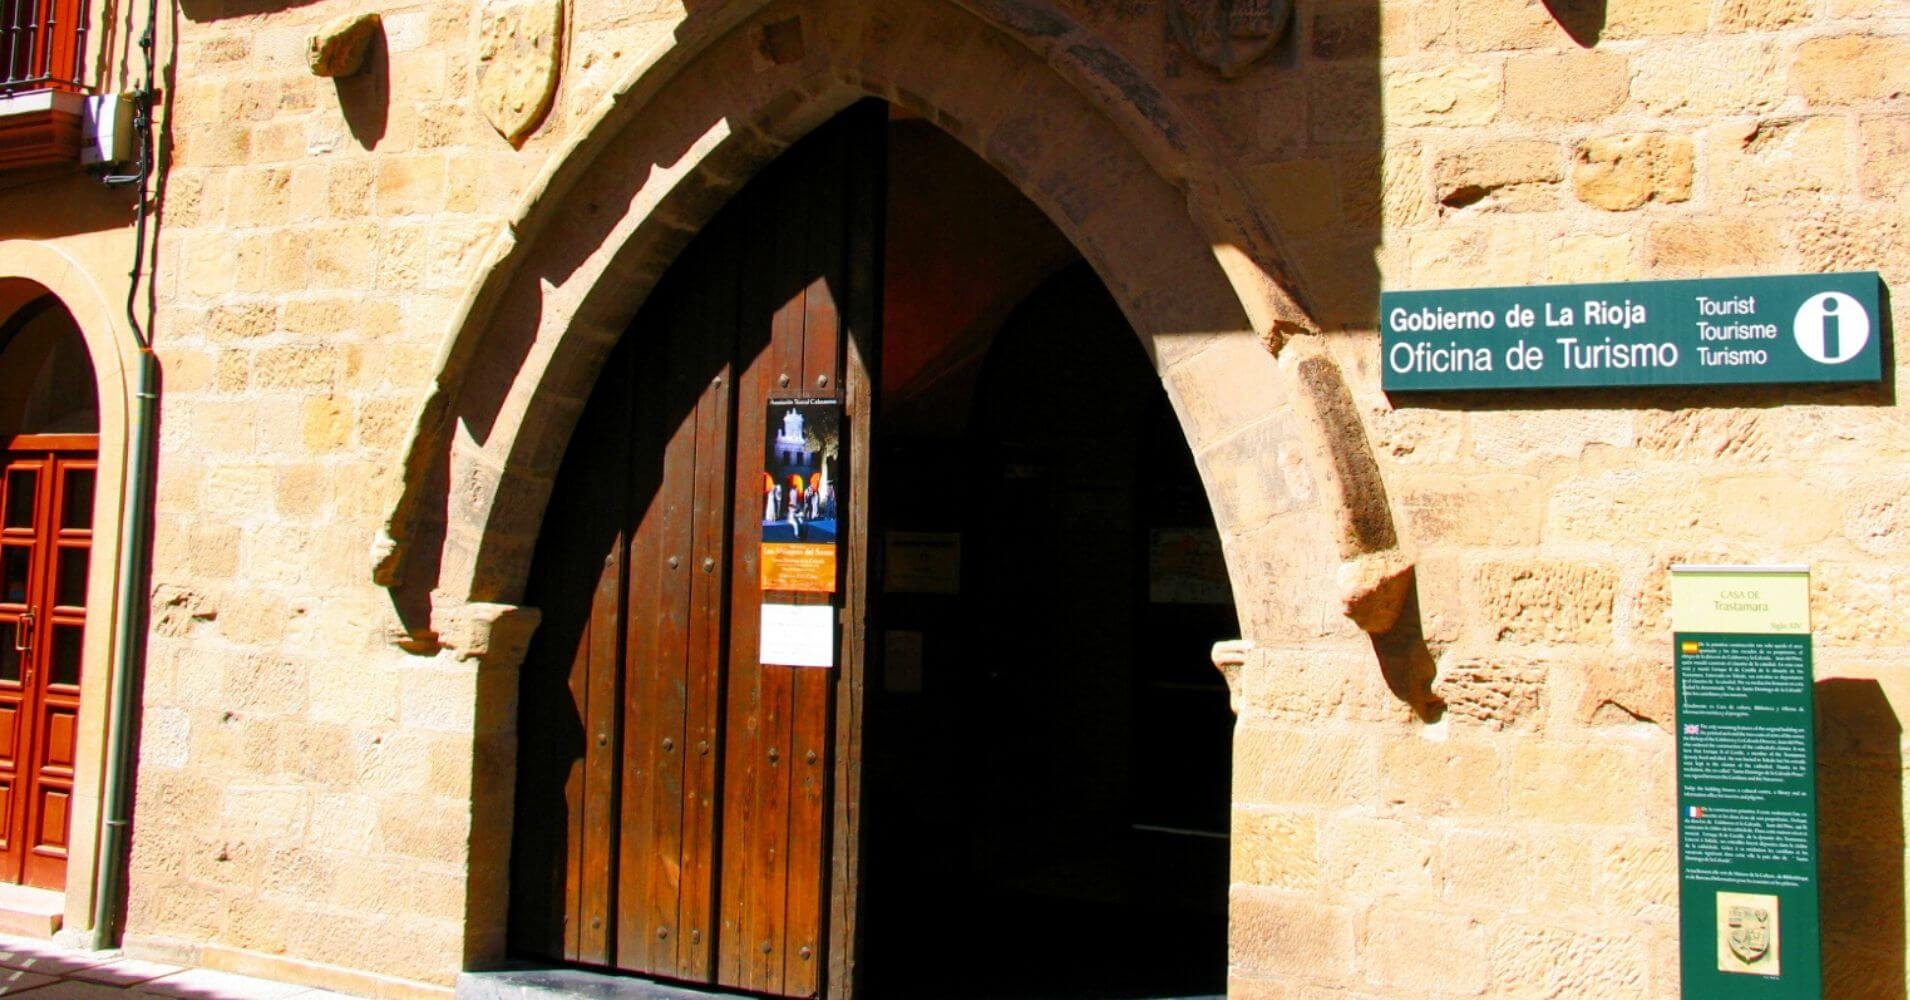 Oficina de Información y Turismo La Rioja.